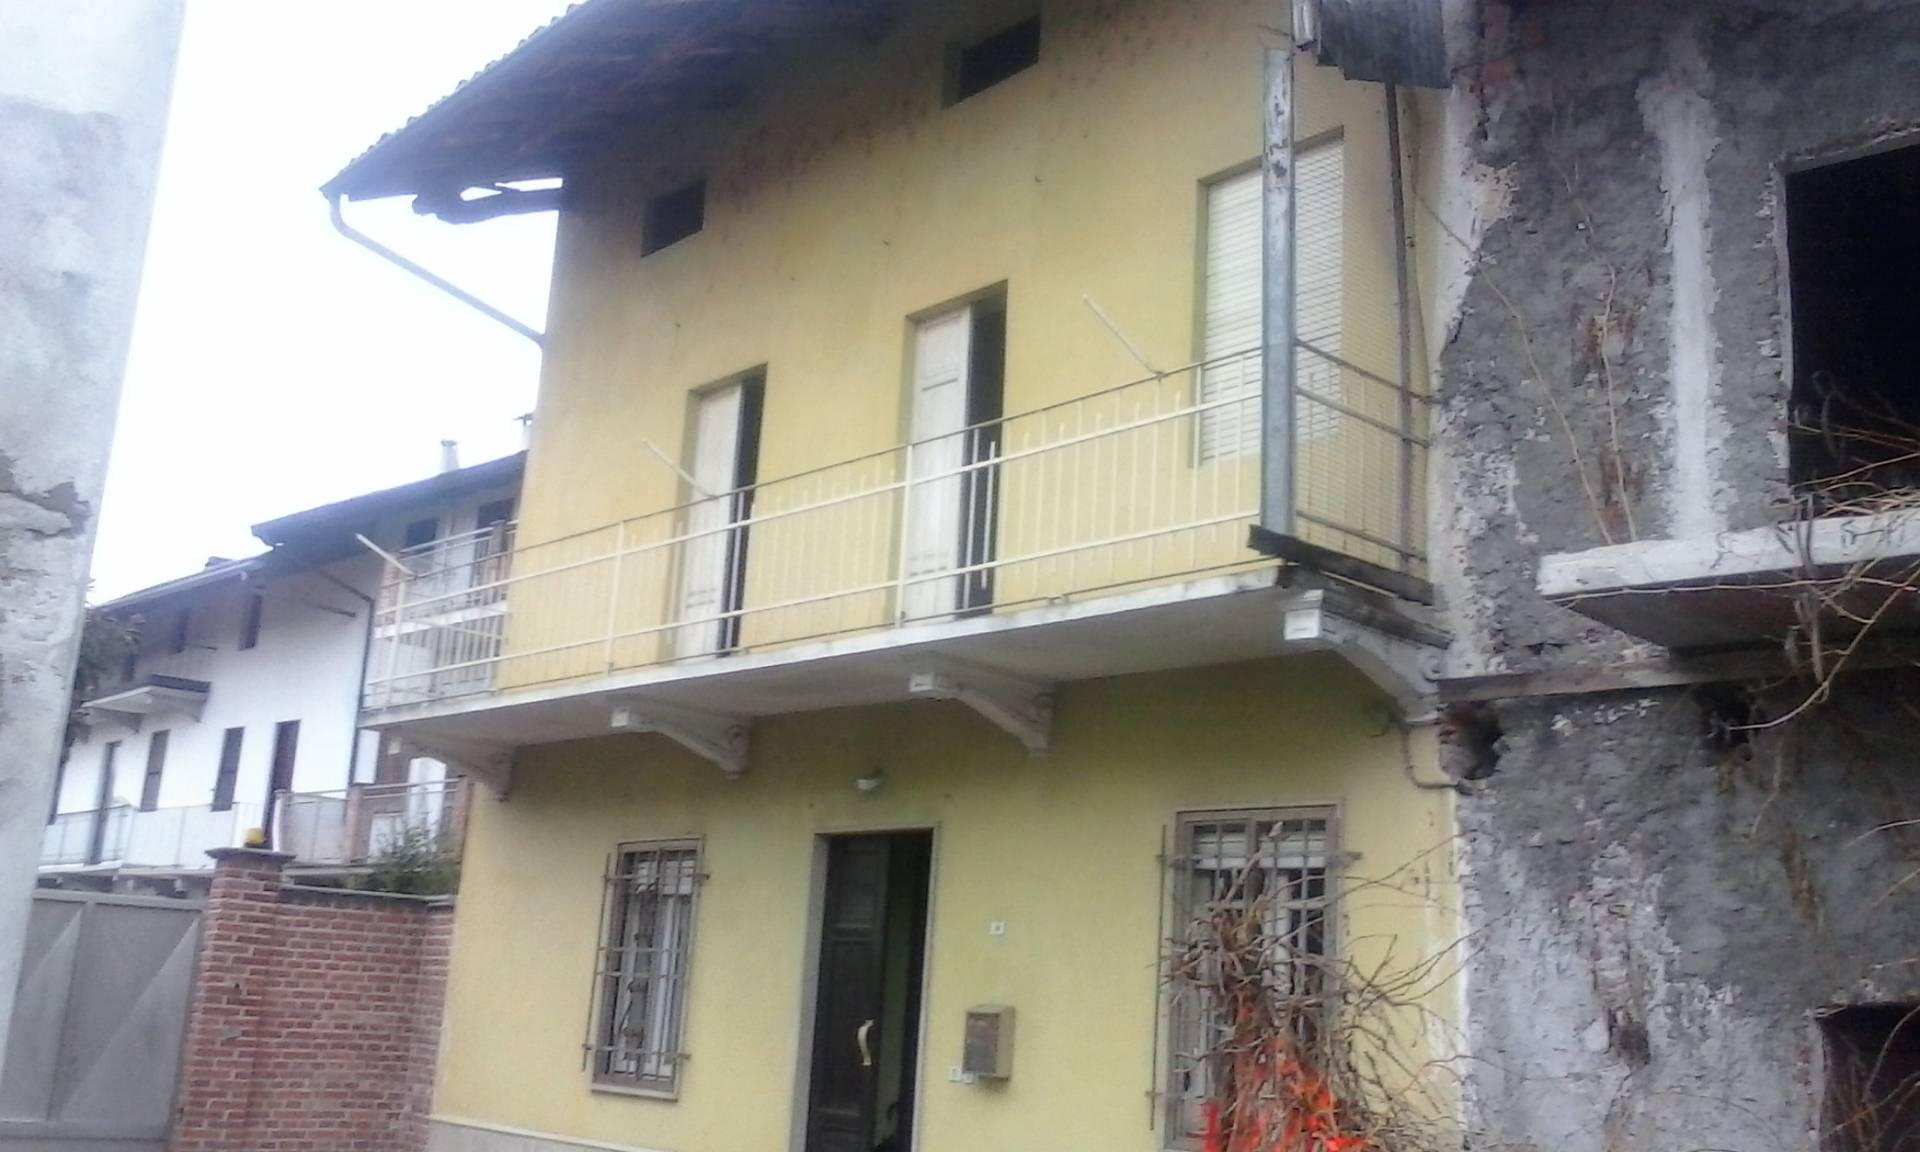 Soluzione Indipendente in vendita a Novara, 5 locali, prezzo € 50.000 | Cambio Casa.it